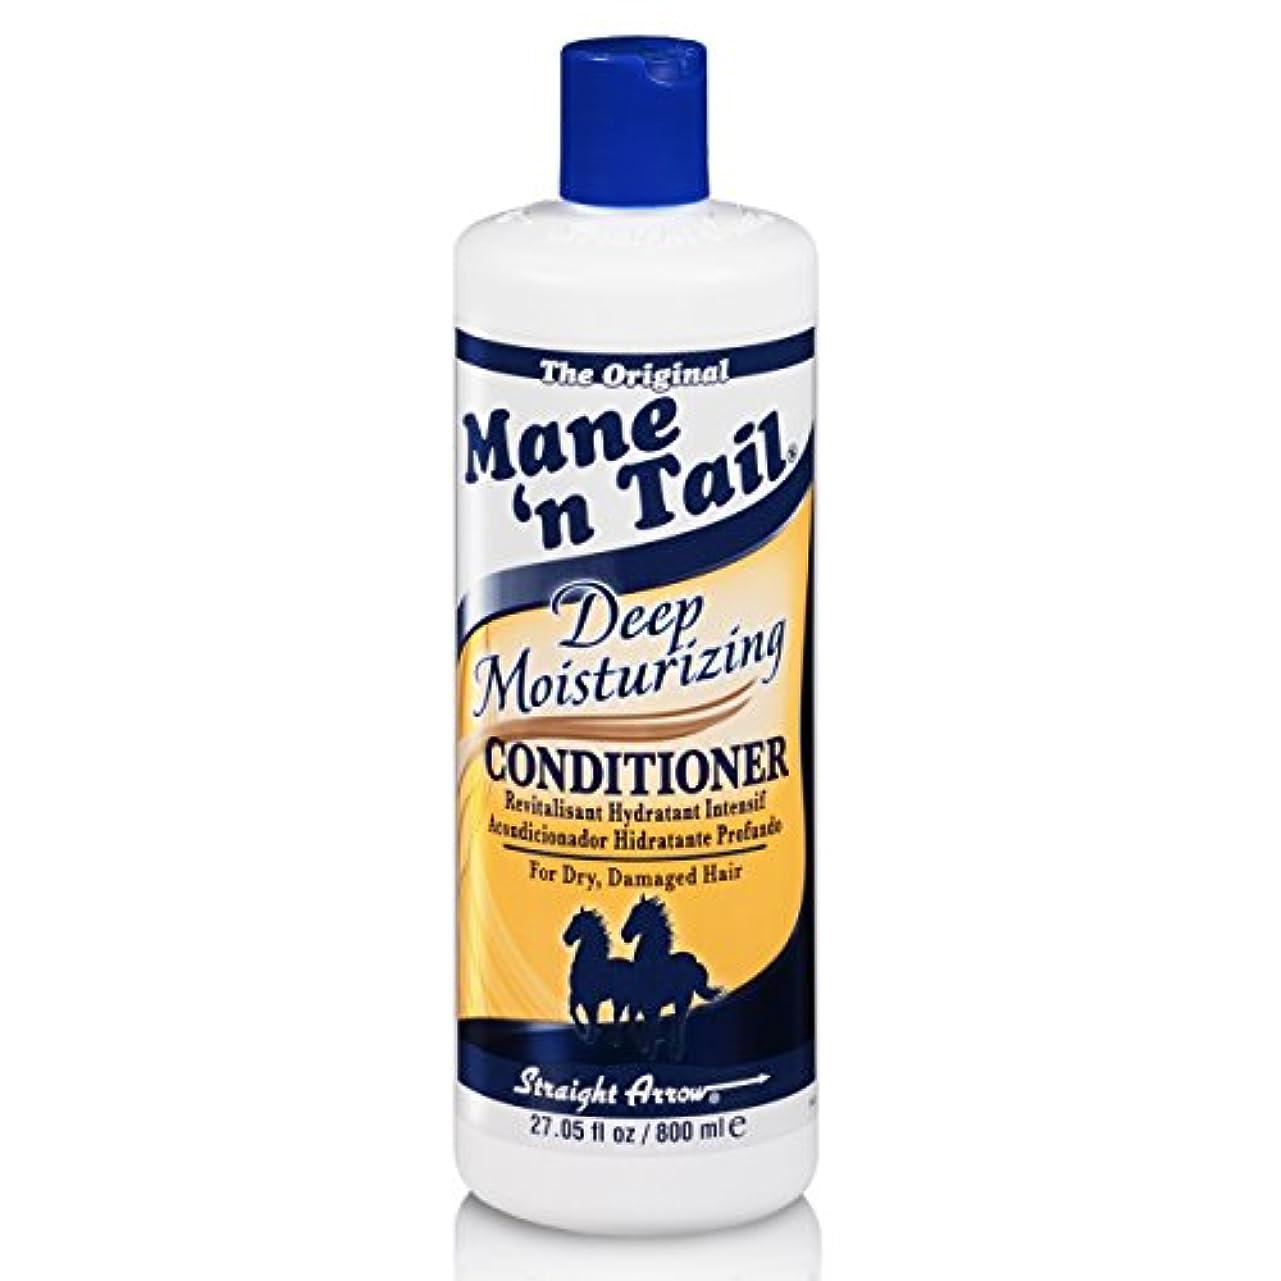 系統的頭痛年齢Mane 'n Tail 乾燥してダメージヘア27.05オンスを復元するために、ディープモイスチャライジングコンディショナー